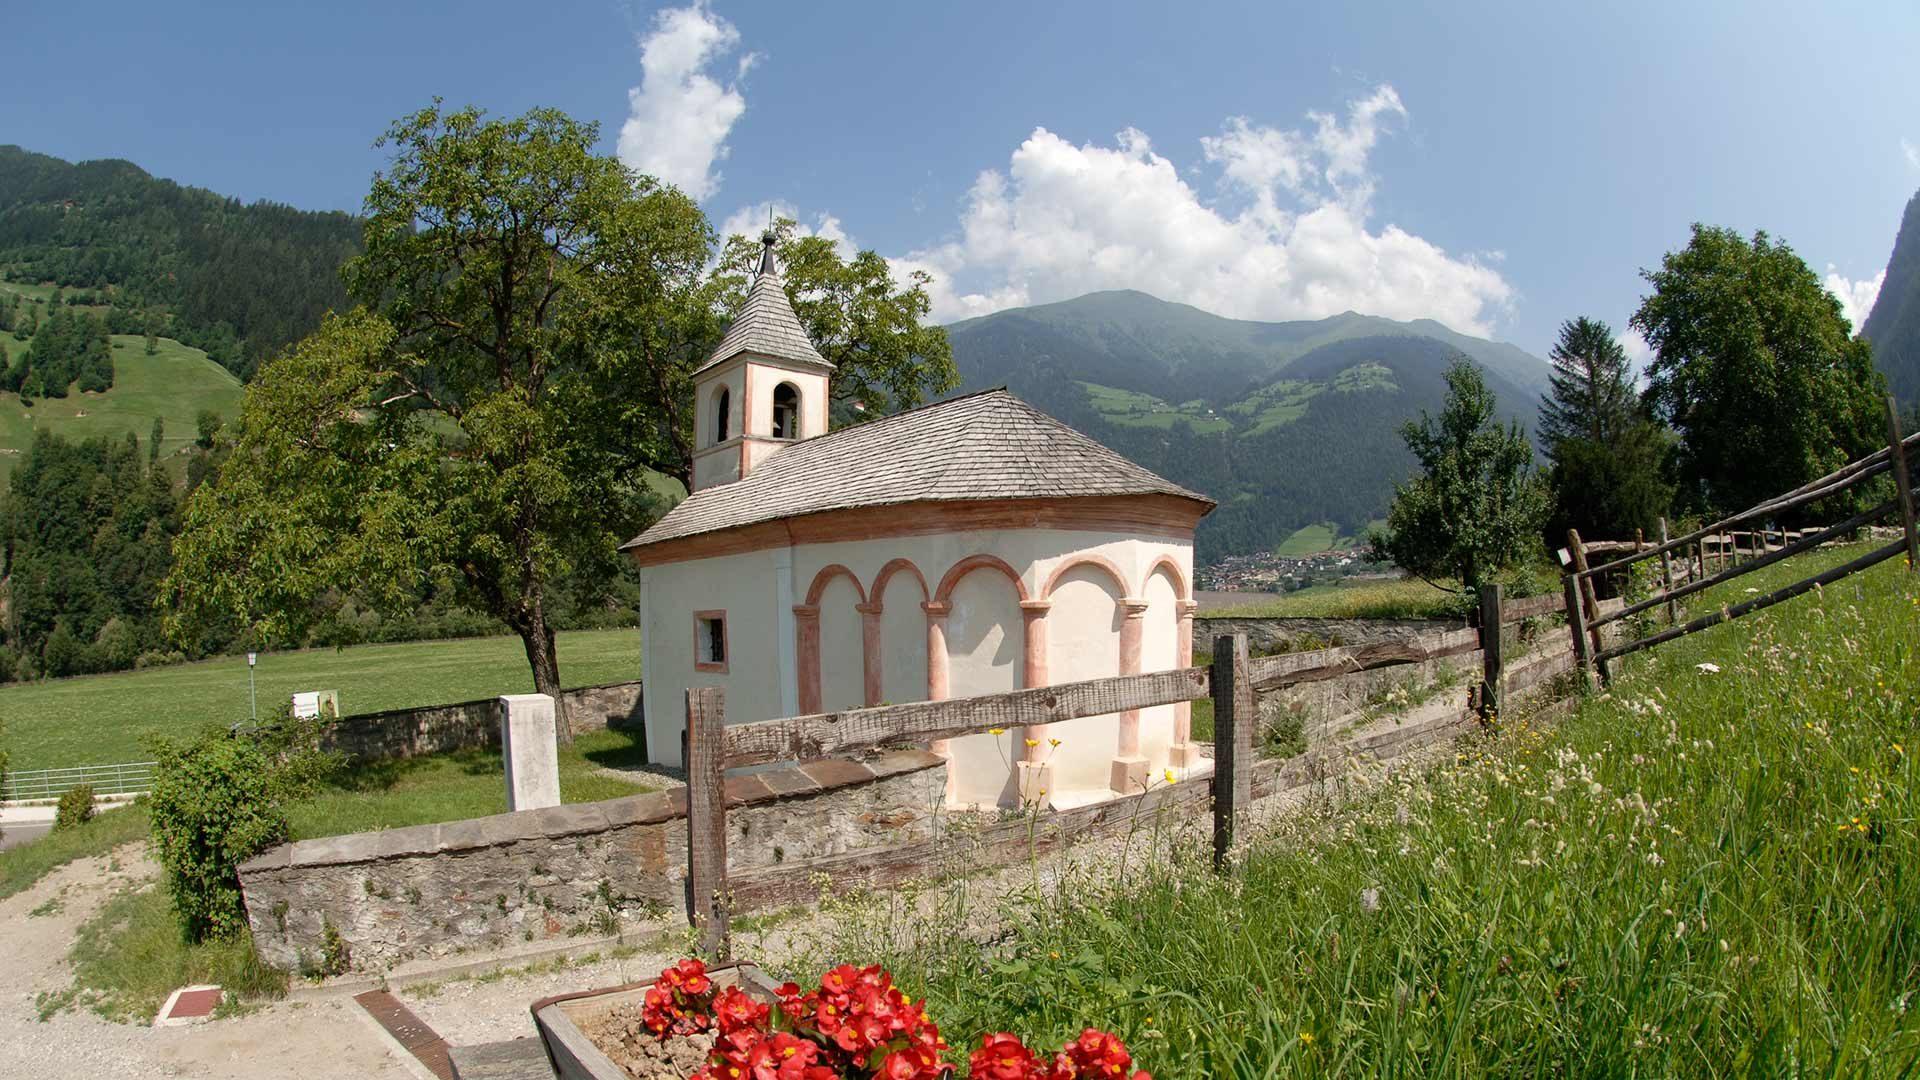 Chiesetta - MuseoPassiria